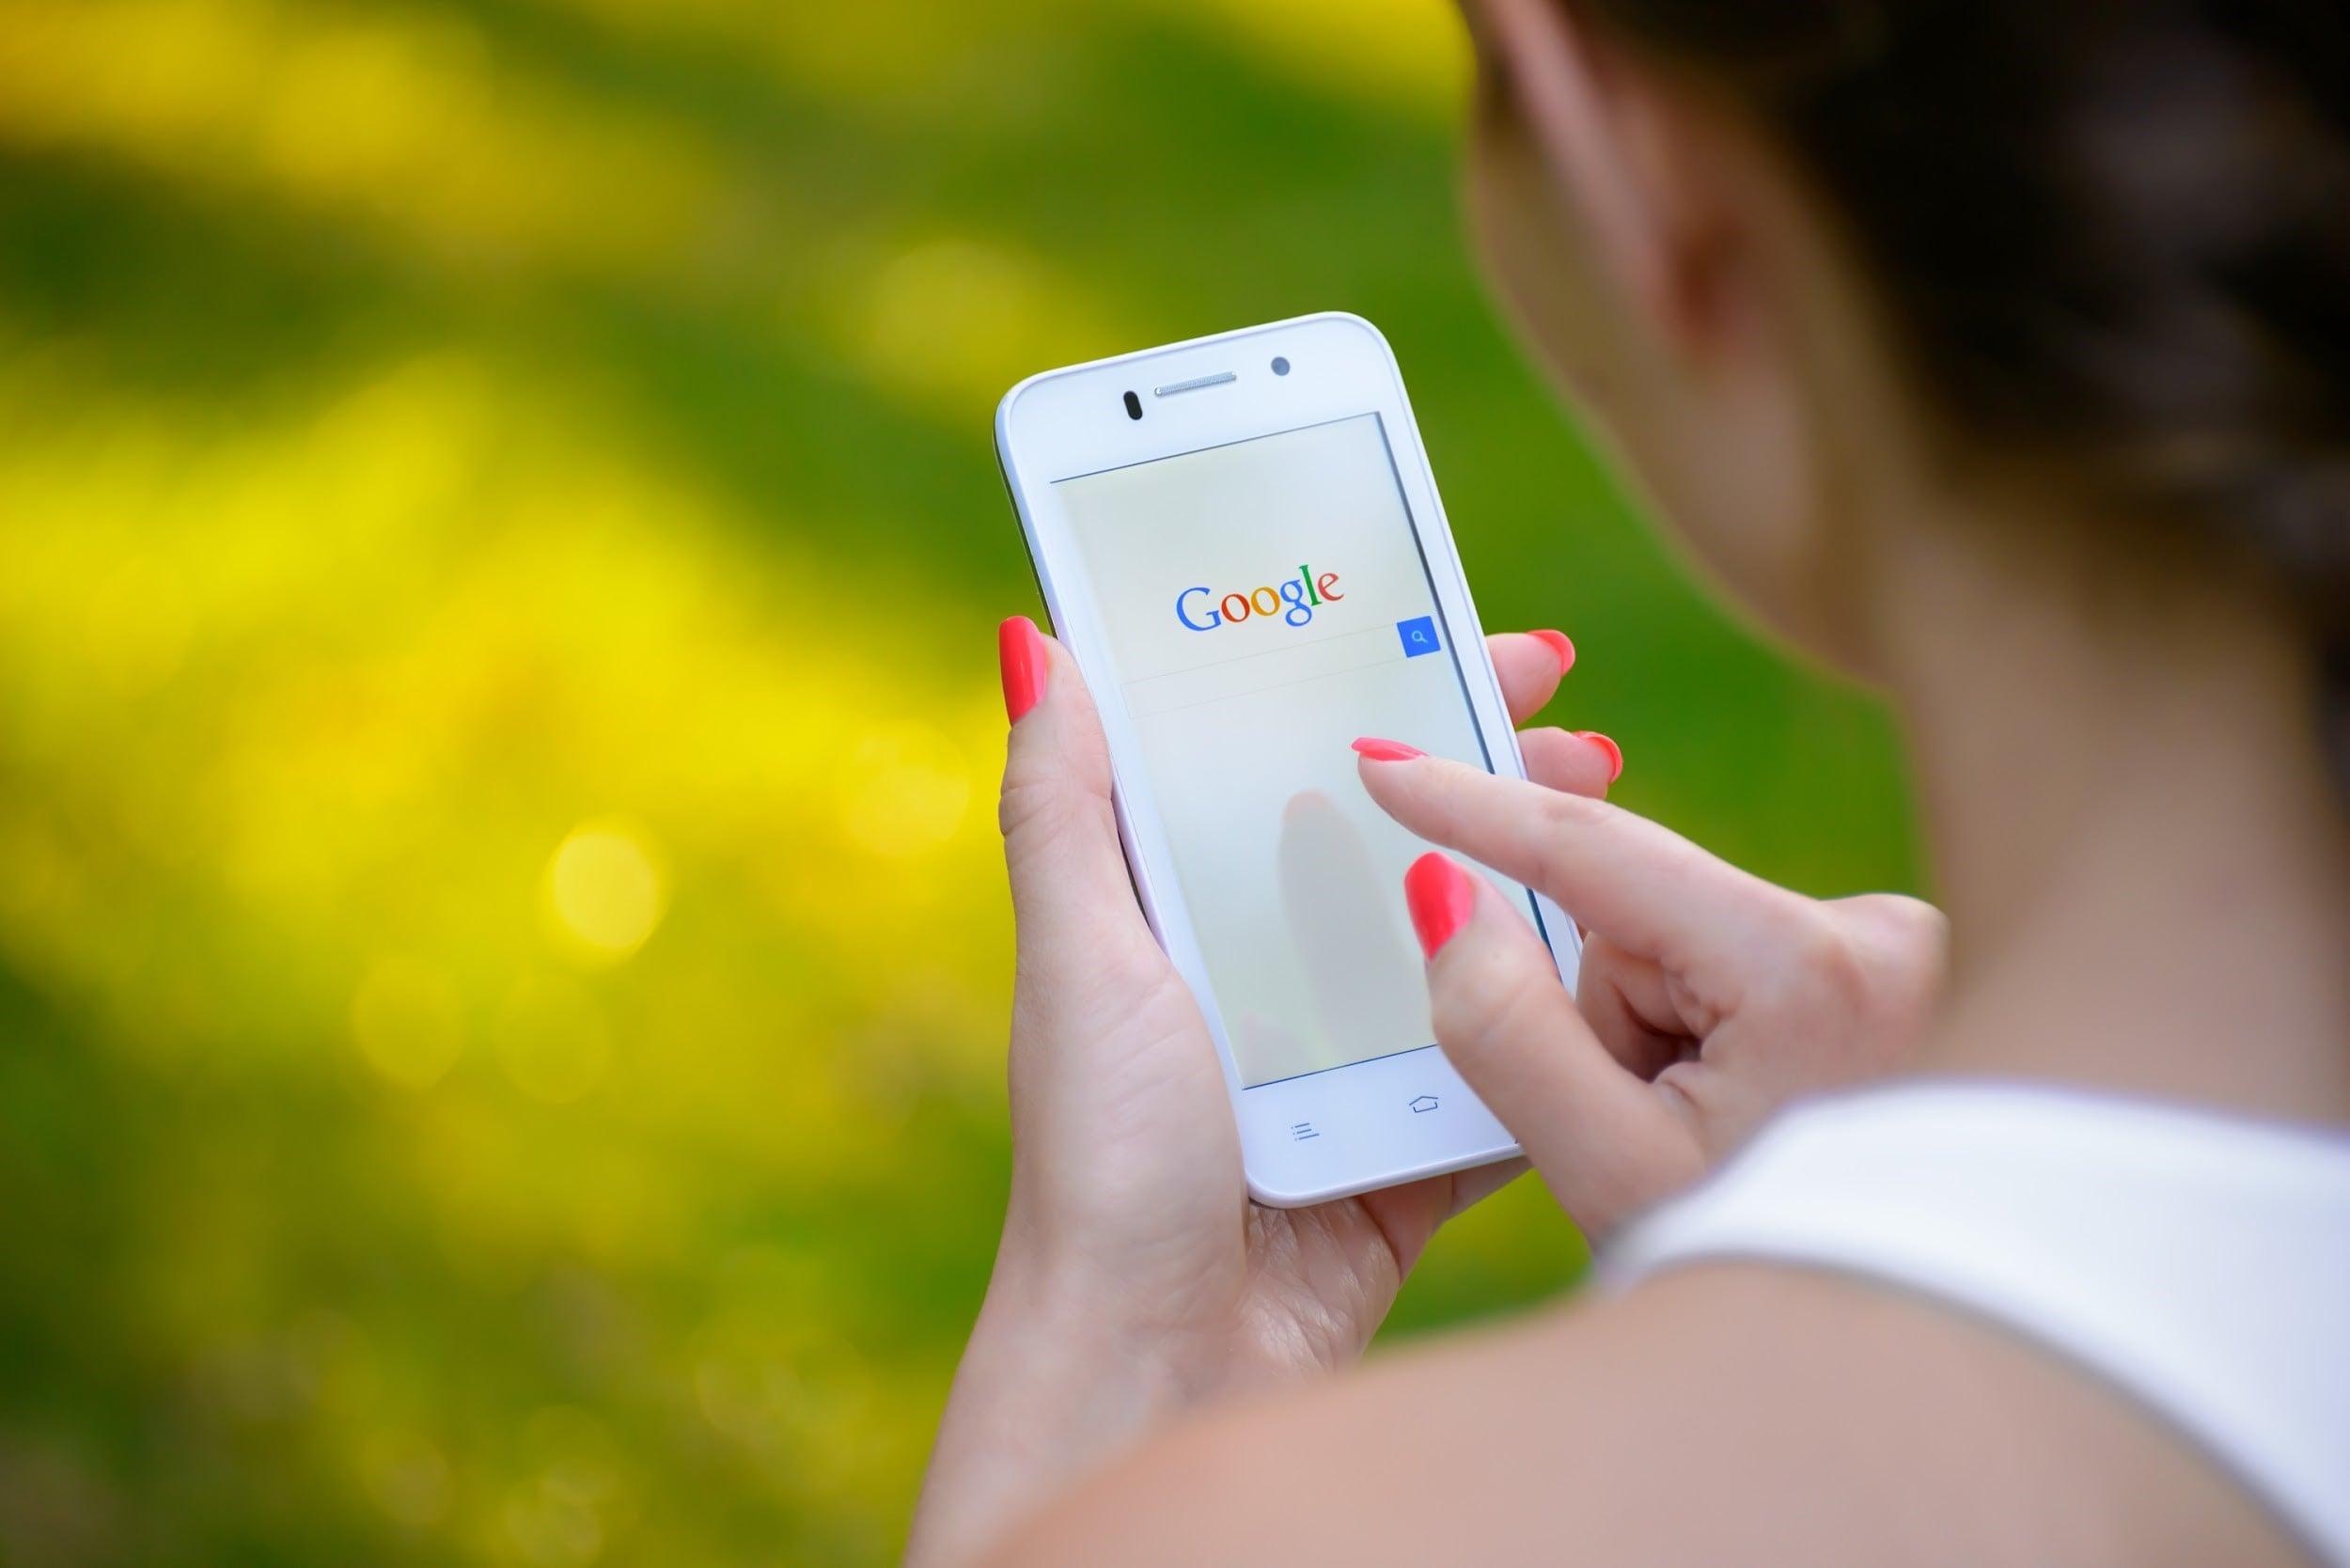 Référencement web Google pour les sites mobiles